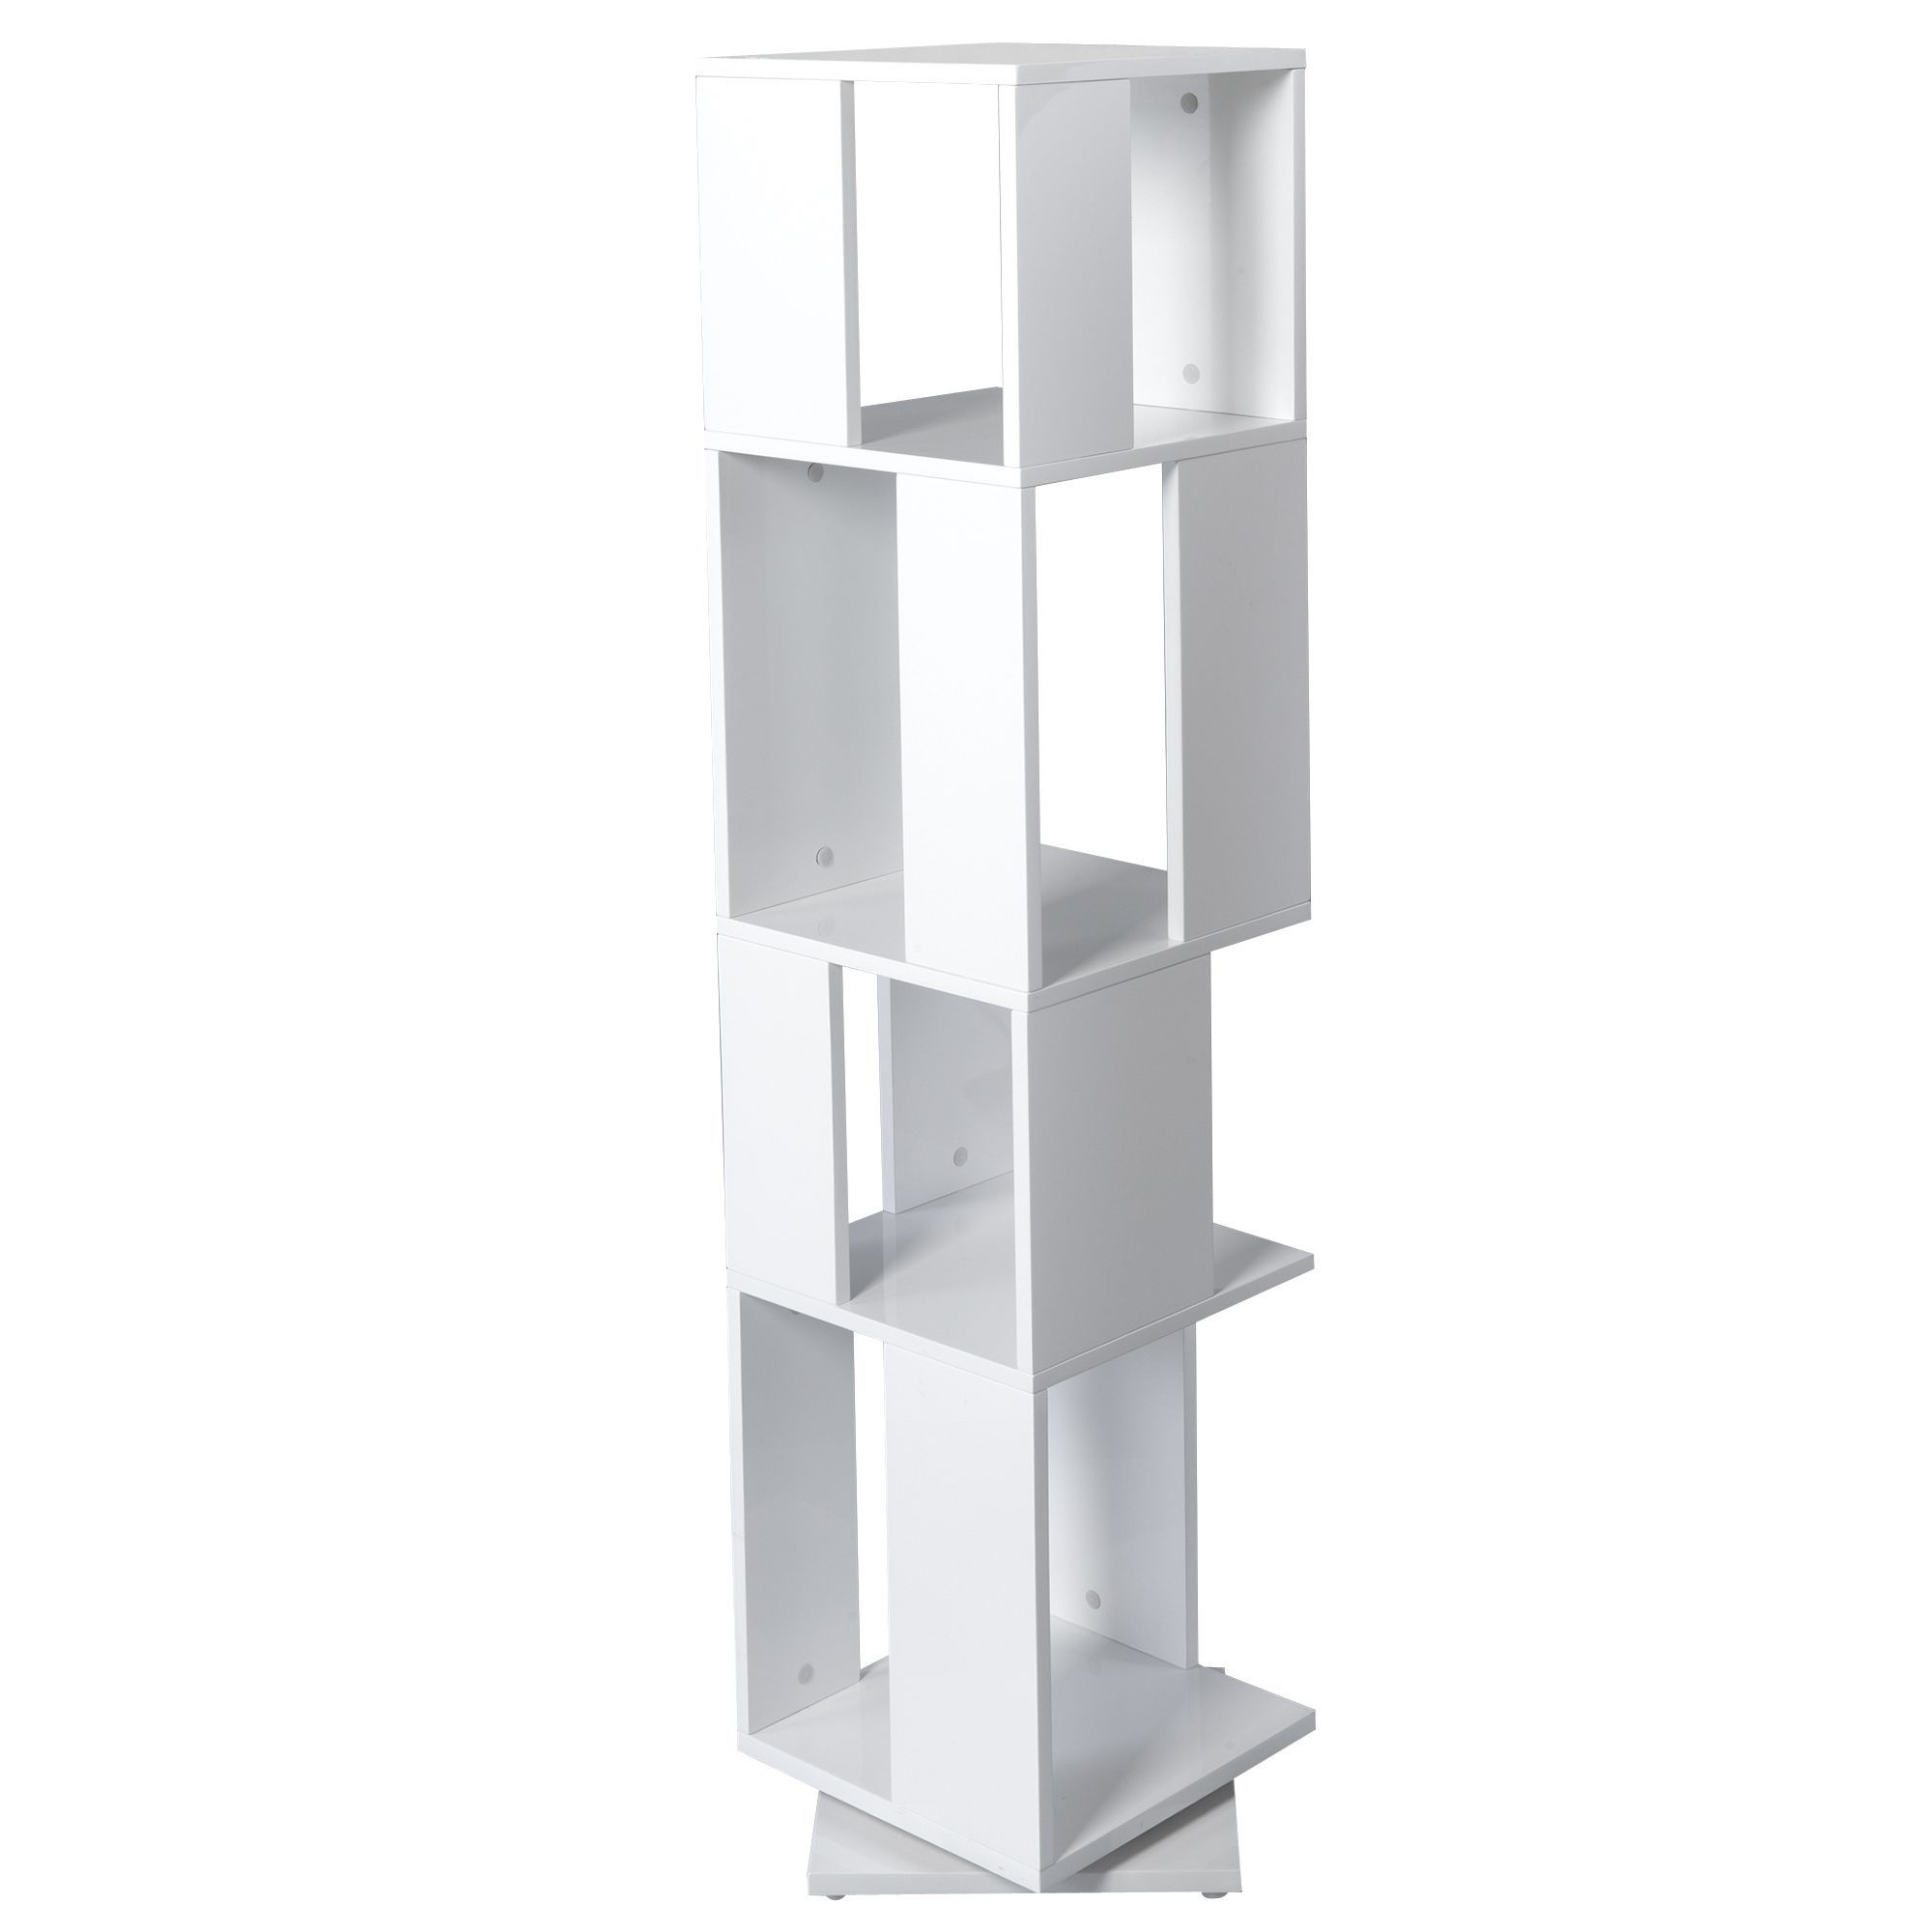 elegant tagre rotative cases blanc pix et tagres tout pour le with etagere alinea. Black Bedroom Furniture Sets. Home Design Ideas